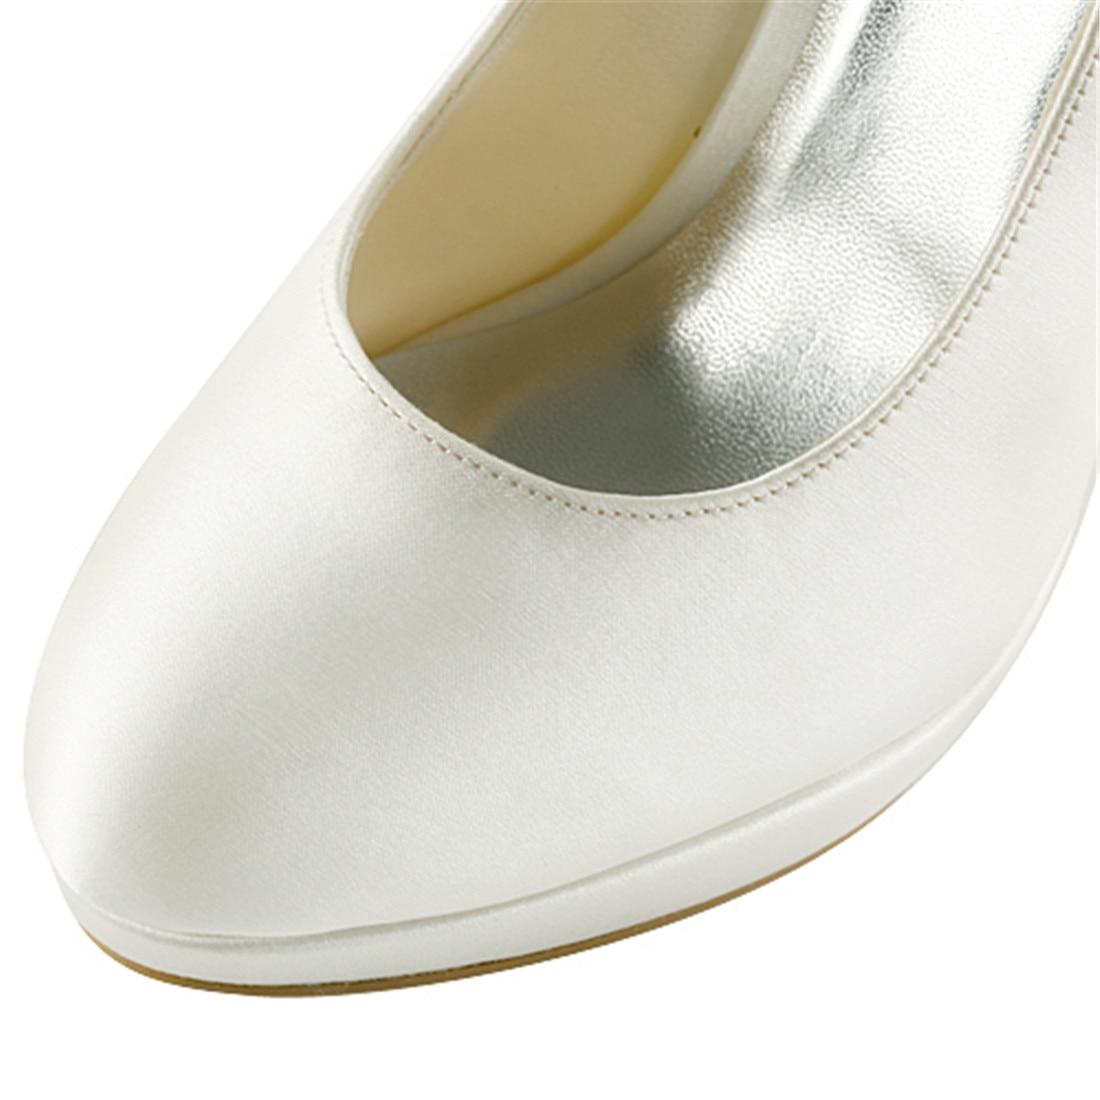 Elegantes Saltos Altos Finos Plataforma Bombas de Noiva de Cetim de Luxo Nupcial Da Dama de Honra Do Marfim Branco Champanhe Sapatos Uninnova 521 1 LY - 5